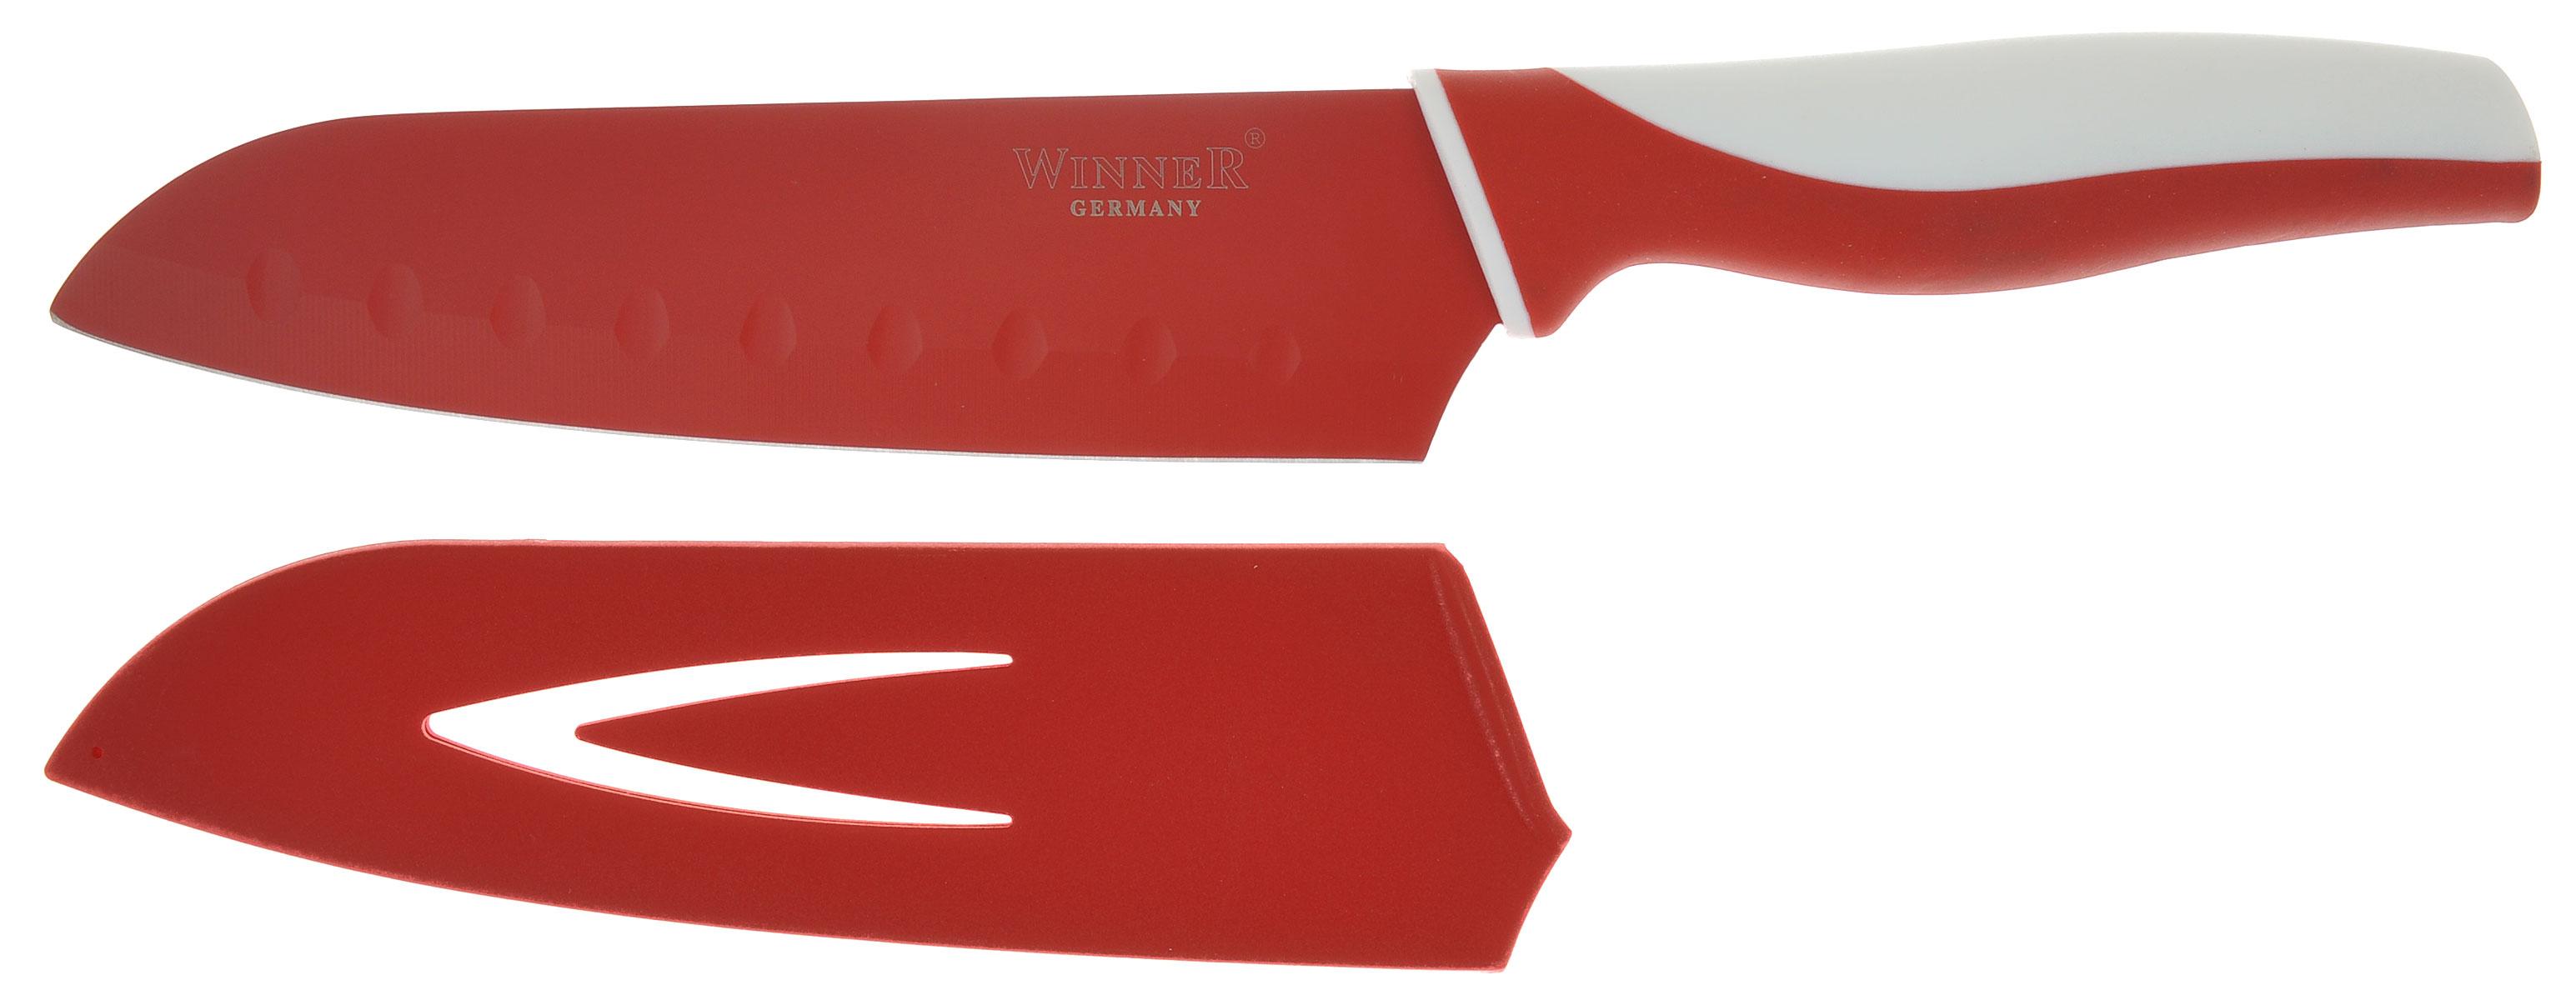 Нож поварской Winner, цвет: белый, красный, длина лезвия 17 смWR-7211_белый, красныйПоварской нож Winner выполнен из высококачественной нержавеющей стали с цветным полимерным покрытием Xynflon, предотвращающим прилипание продуктов. Очень удобная и эргономичная ручка выполнена из прорезиненного пластика с антибактериальным покрытием Zeomic. Нож используется для измельчения продуктов. Также применяется для отделения костей в птице или рыбе. Нож помогает поддерживать идеальную гигиену на кухне. Zeomic обеспечивает постоянную противомикробную защиту, позволят сохранить нож в чистоте в течение длительного периода времени после мытья, подавляет бактерии, которые способствуют появлению загрязнения и неприятного запаха, гнили и плесени в течение всего времени использования изделия. Поварской нож Winner предоставит вам все необходимые возможности в успешном приготовлении пищи и порадует вас своими результатами. К ножу прилагаются пластиковые ножны. Общая длина ножа: 29,5 см. Длина лезвия: 17...